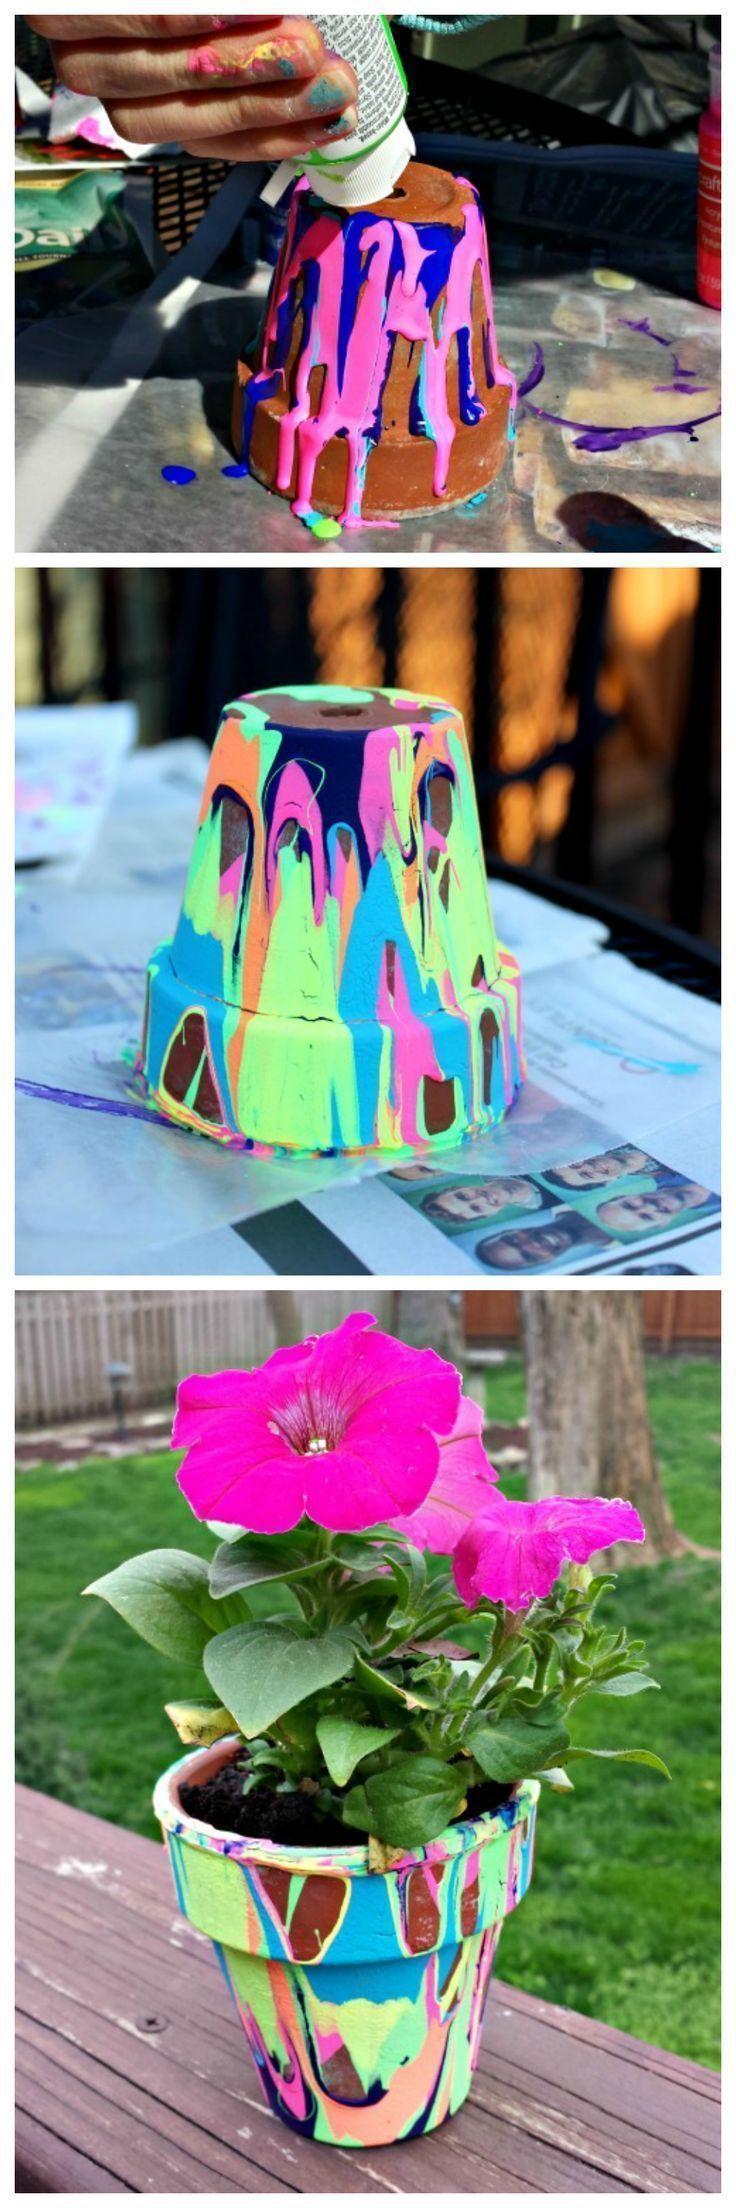 Muttertagsgeschenke basteln: Blumentopf selber machen